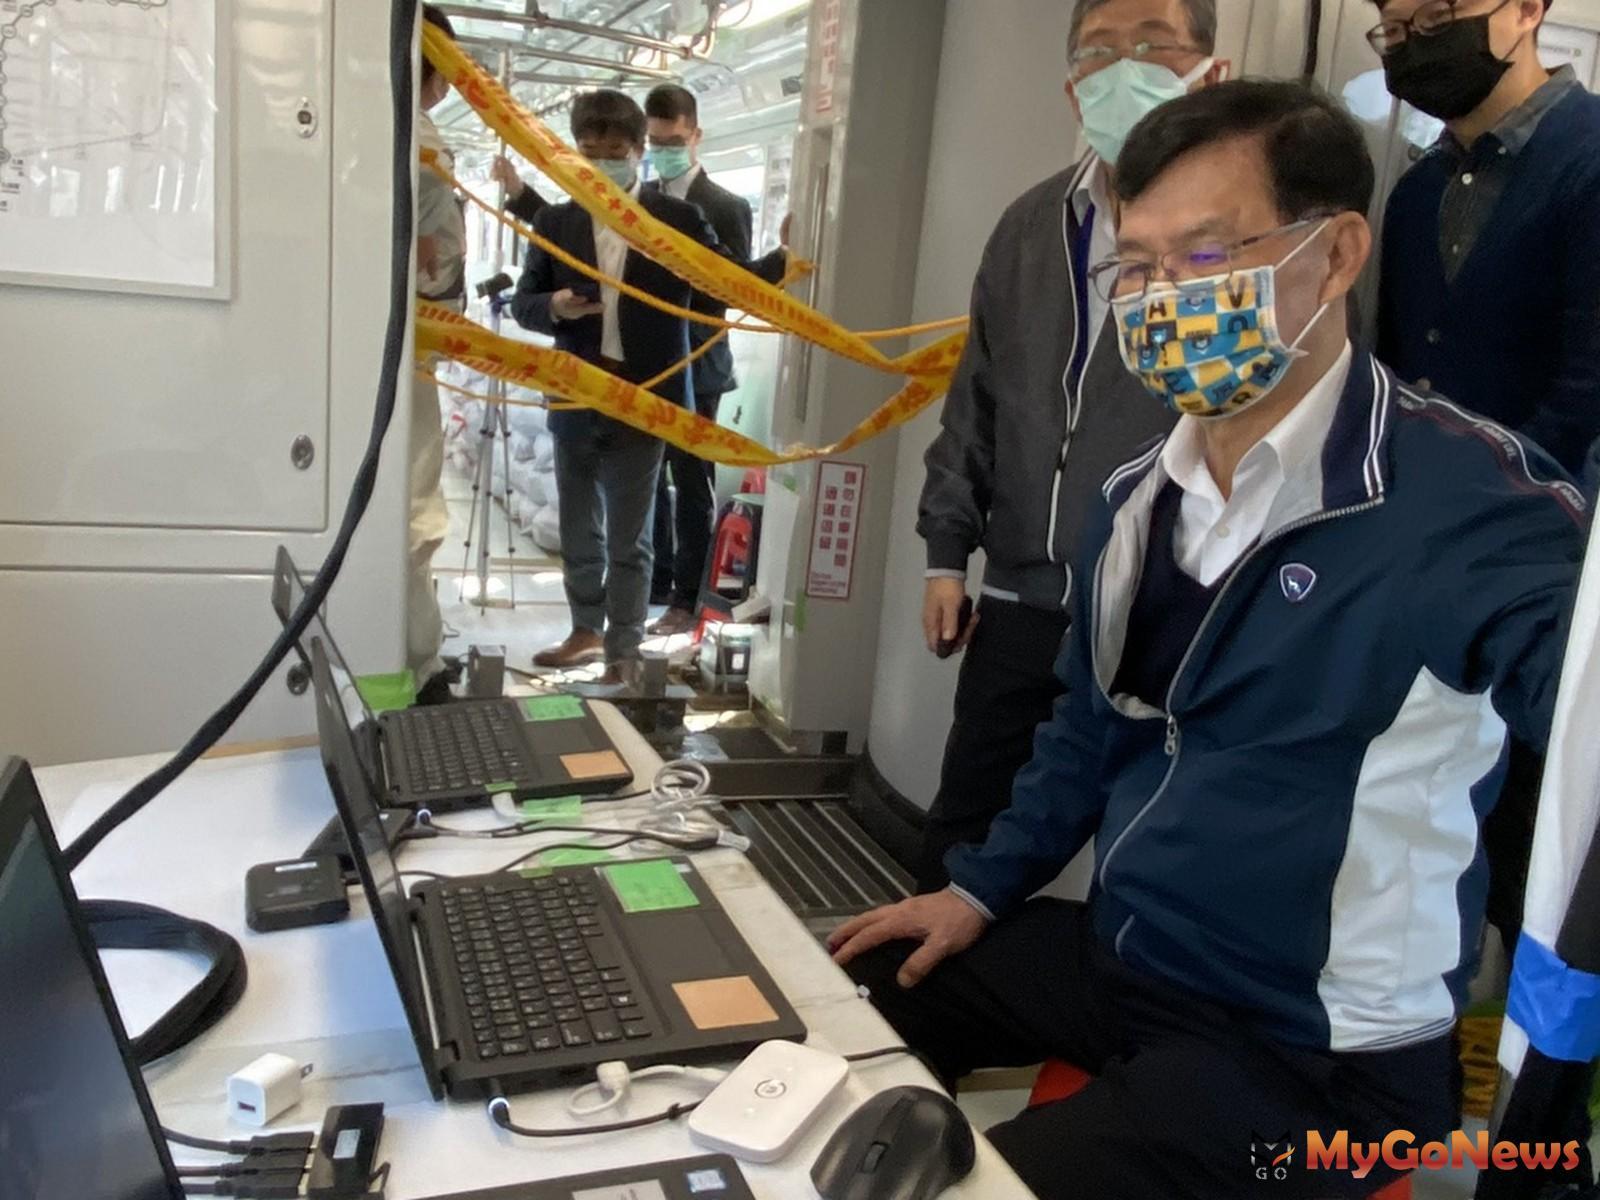 台中捷運電聯車已完成新軸心安裝及300公里測試,台北市副市長彭振聲赴台中了解作業情形(圖/台中市政府) MyGoNews房地產新聞 區域情報